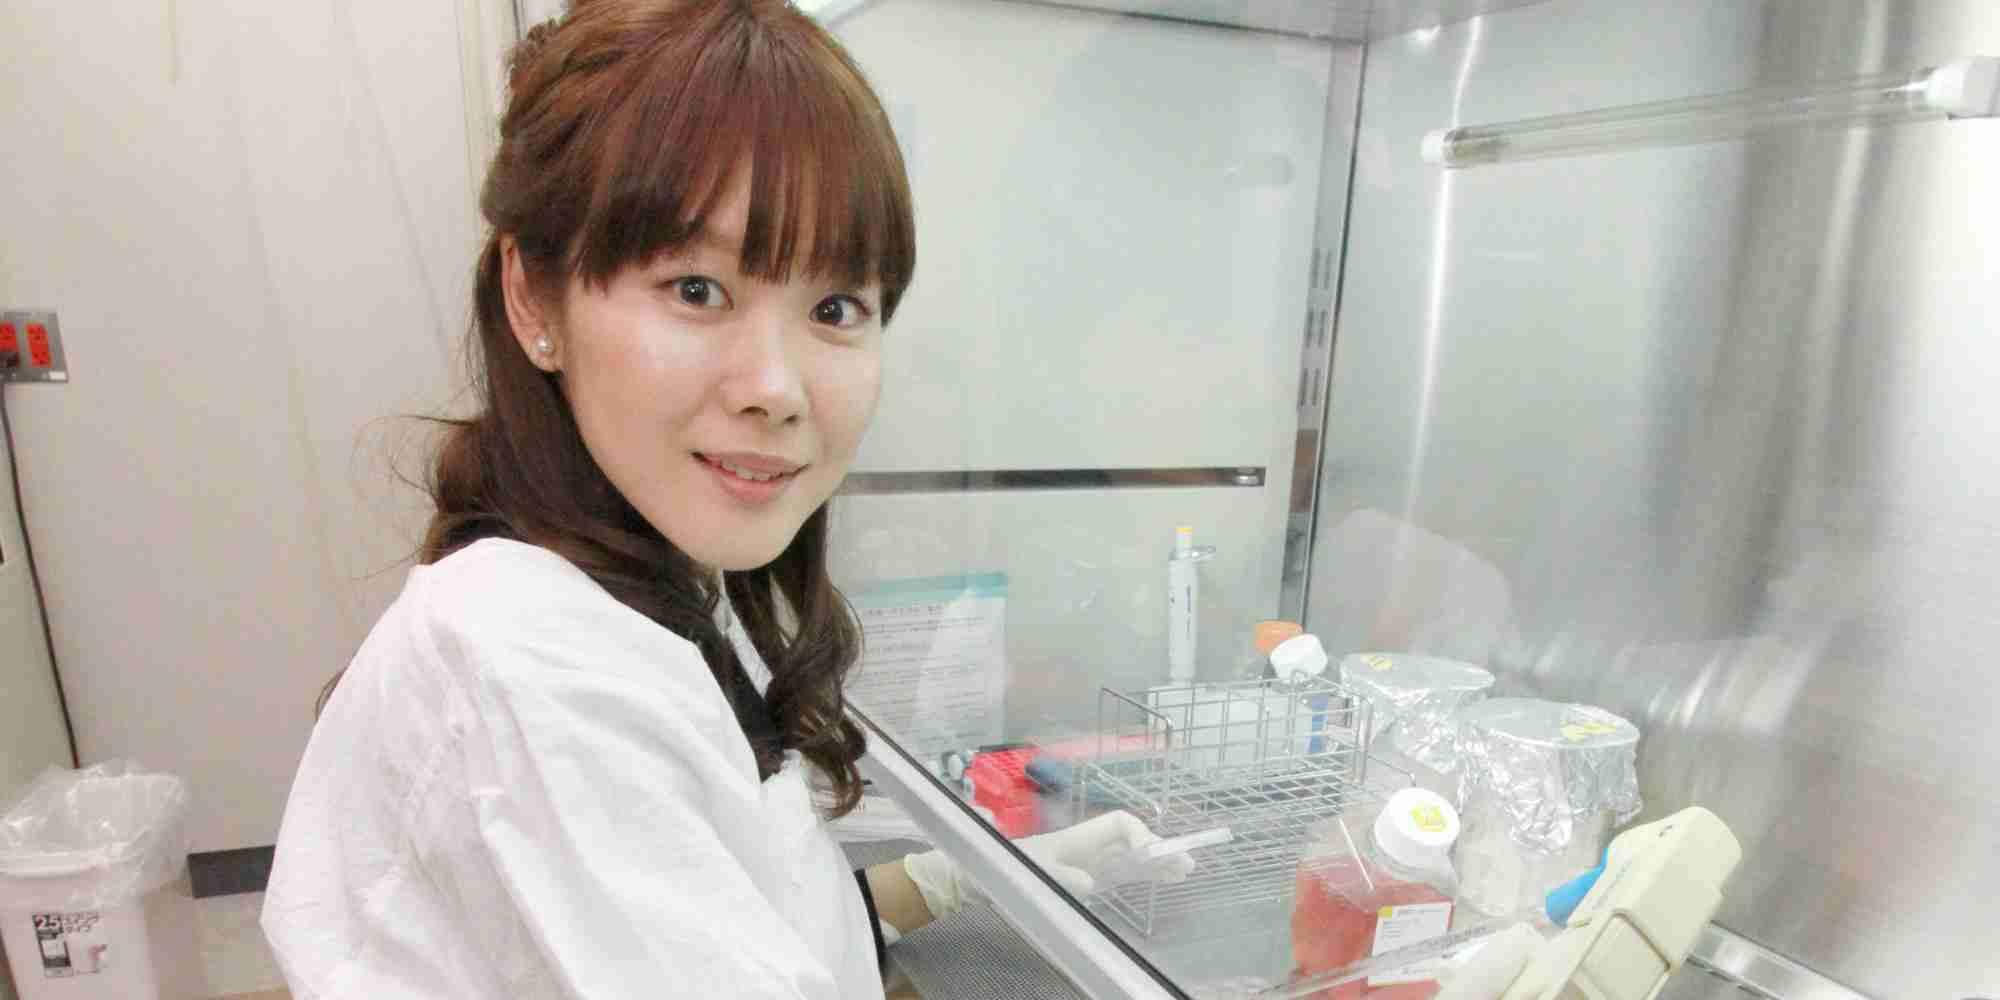 理化学研究所、小保方晴子氏に論文の投稿料60万円の返還請求